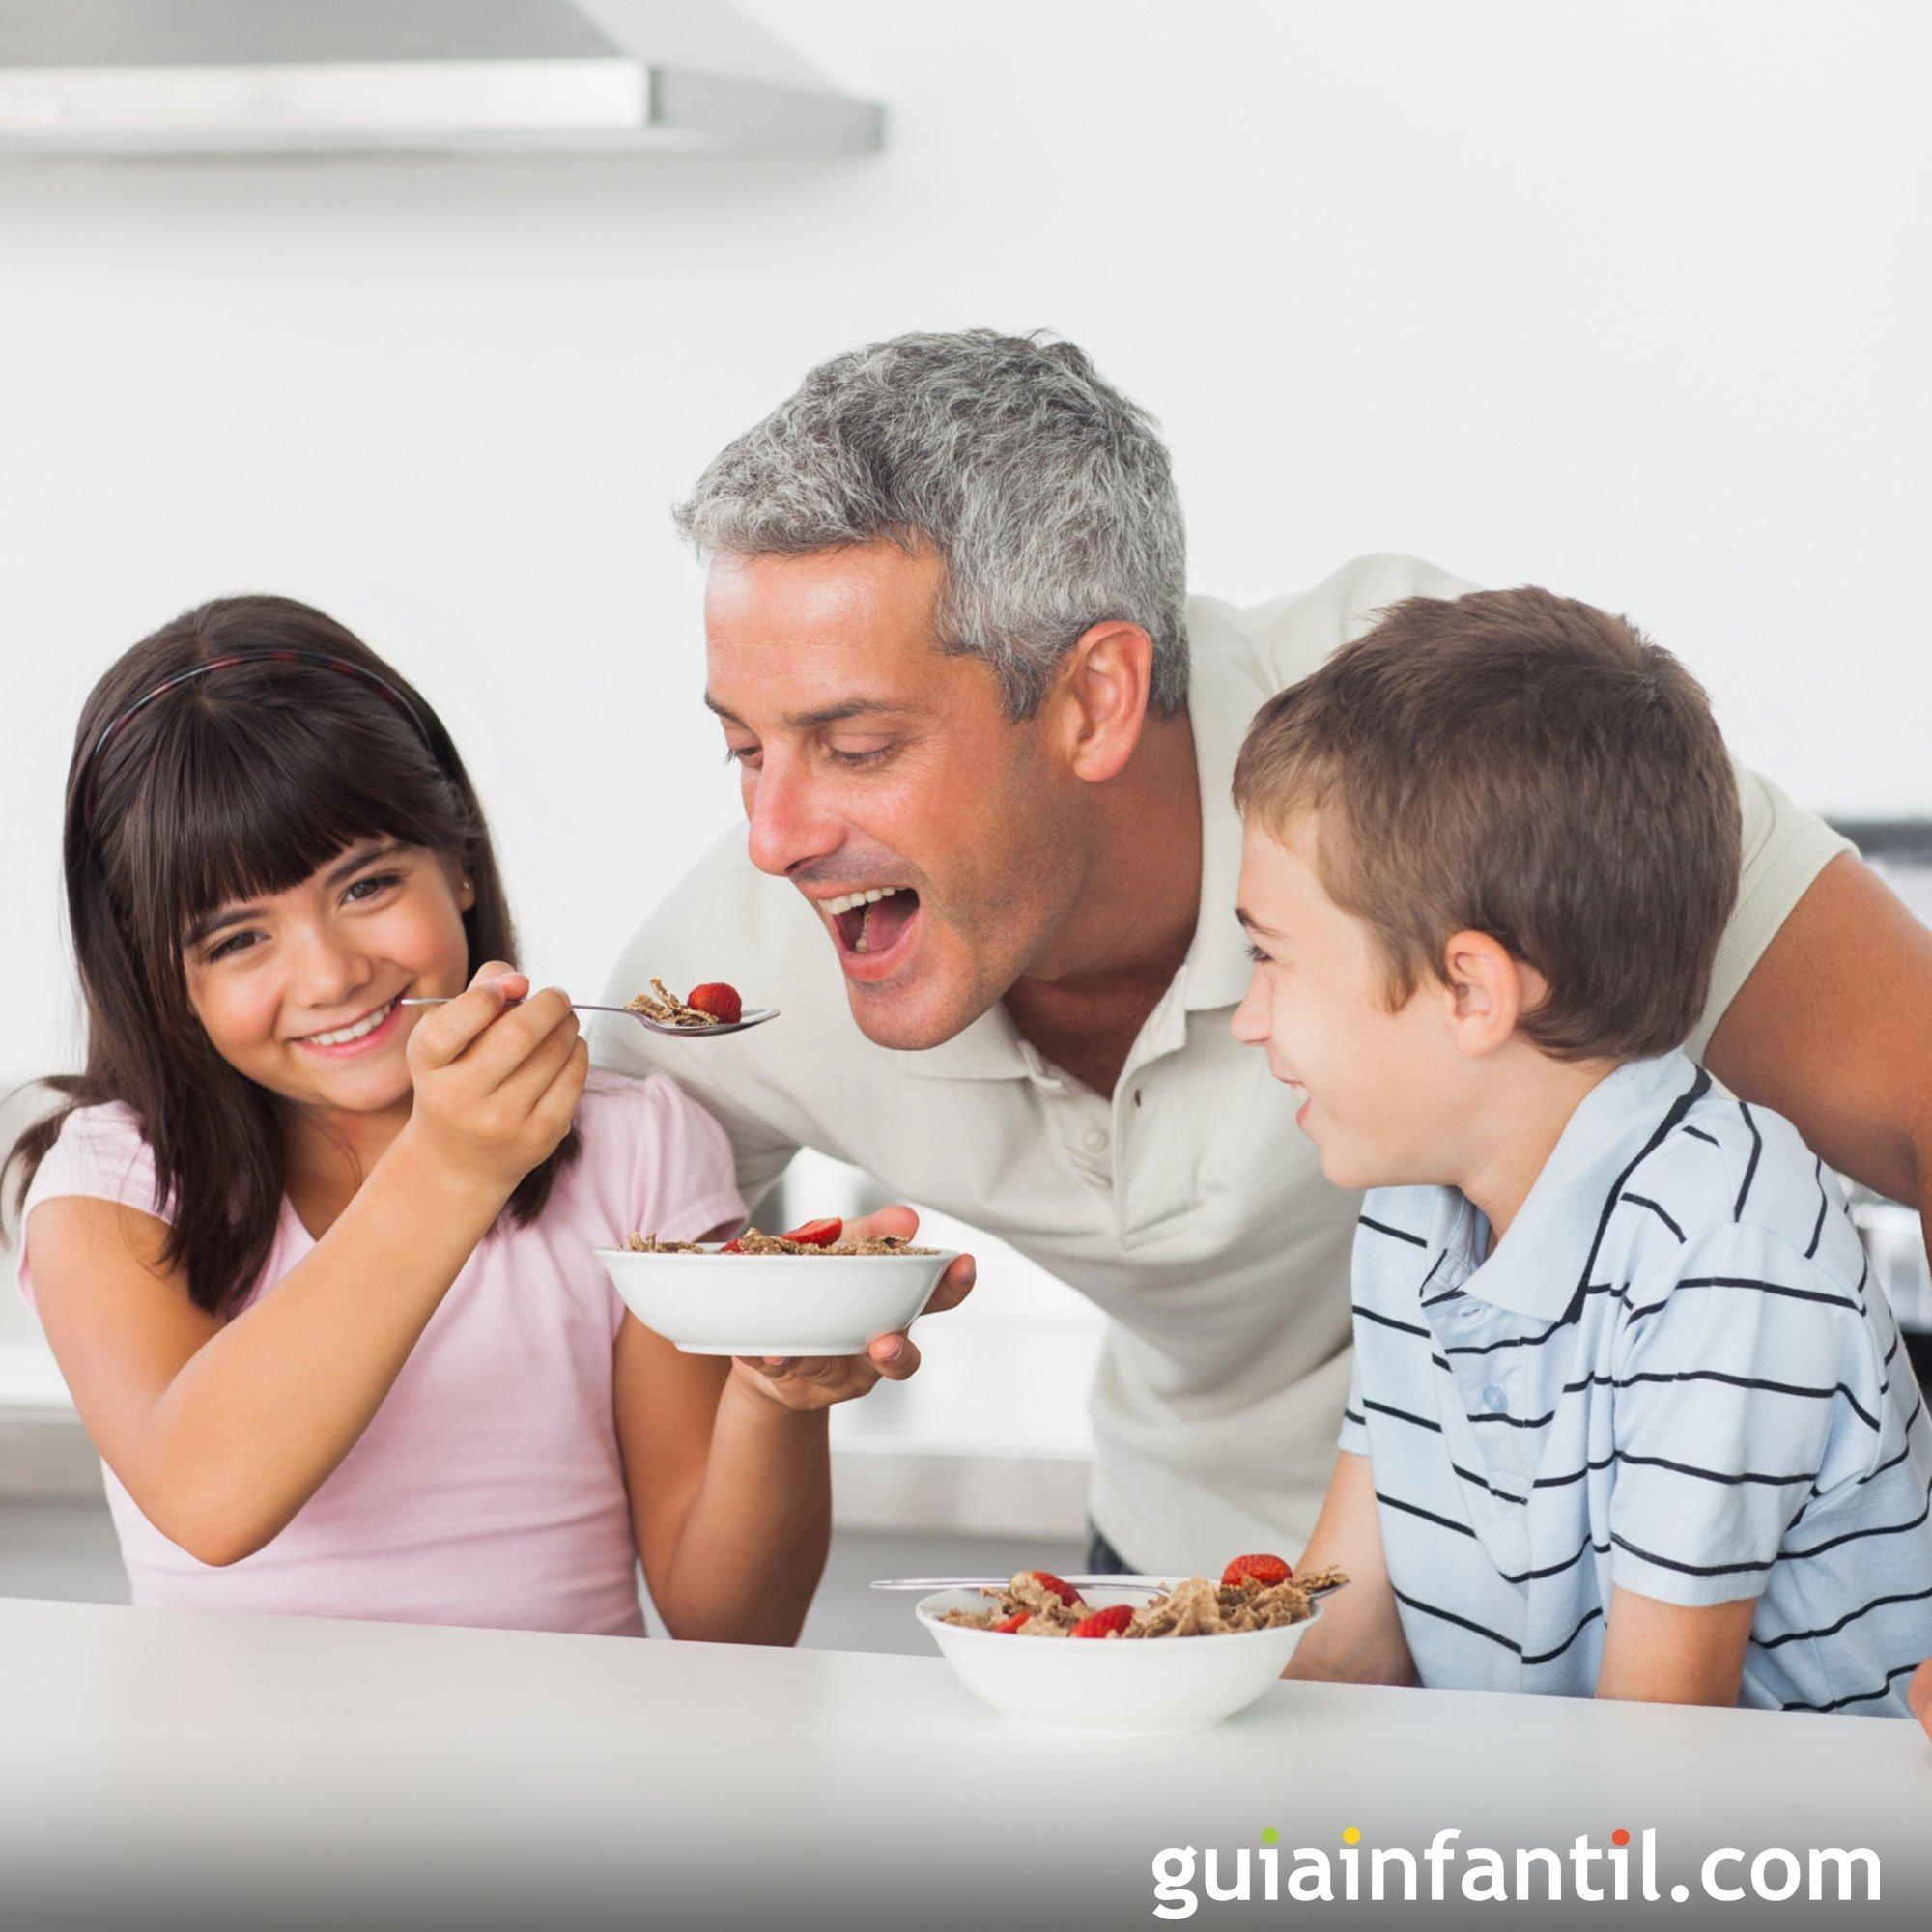 Jugar a que papá se come toda la comida